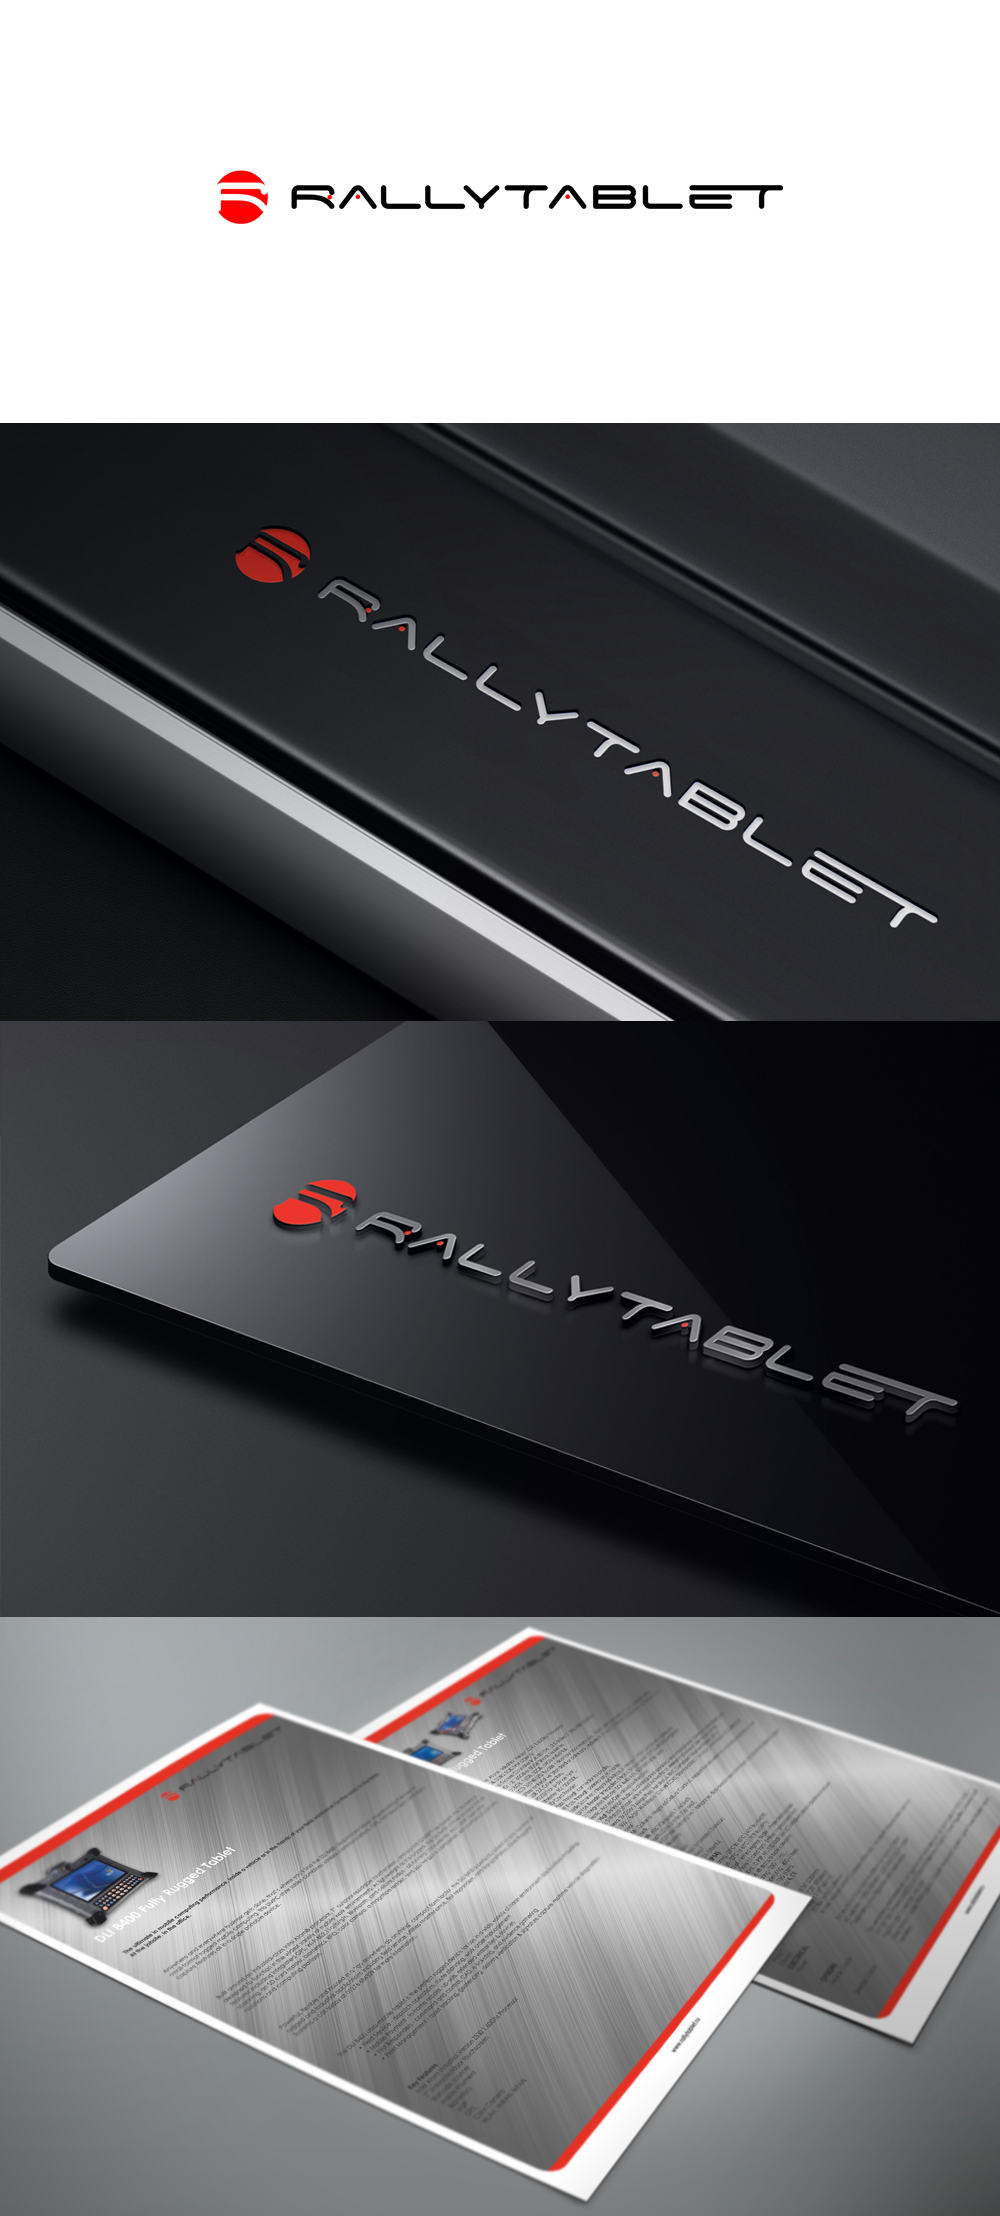 RallyTablet